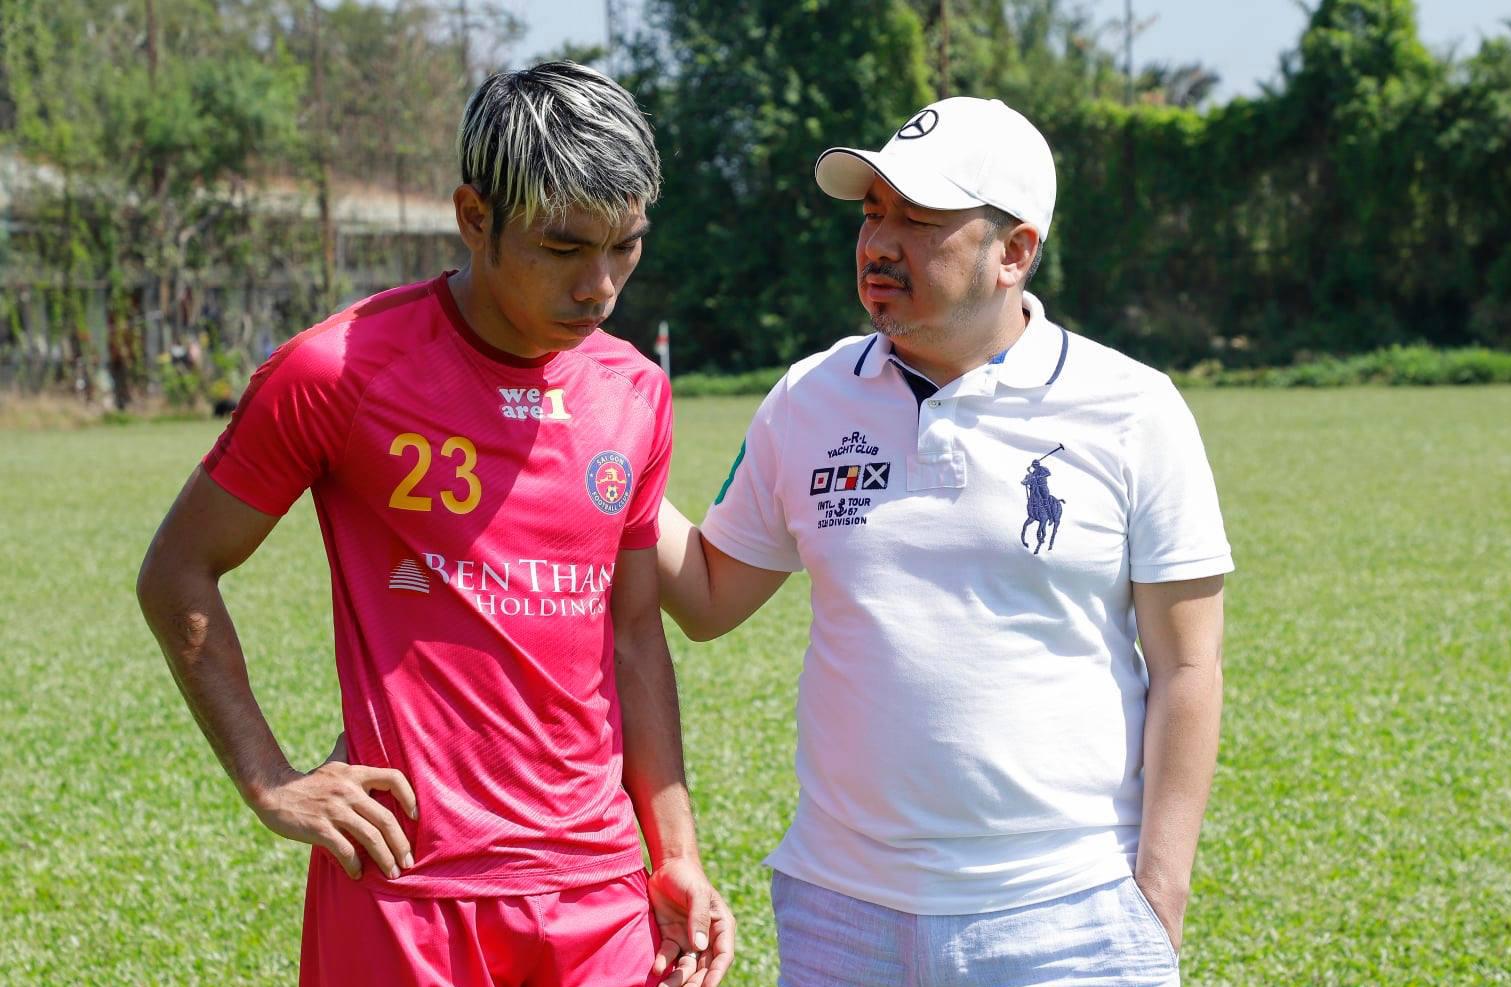 Setelah mengumumkan akan membawa Cao Van Trien untuk tampil di J-League 2, dalam waktu dekat, Mr. Tran Hoa Binh akan mengumumkan pemain lain untuk bermain di divisi 3 Jepang.